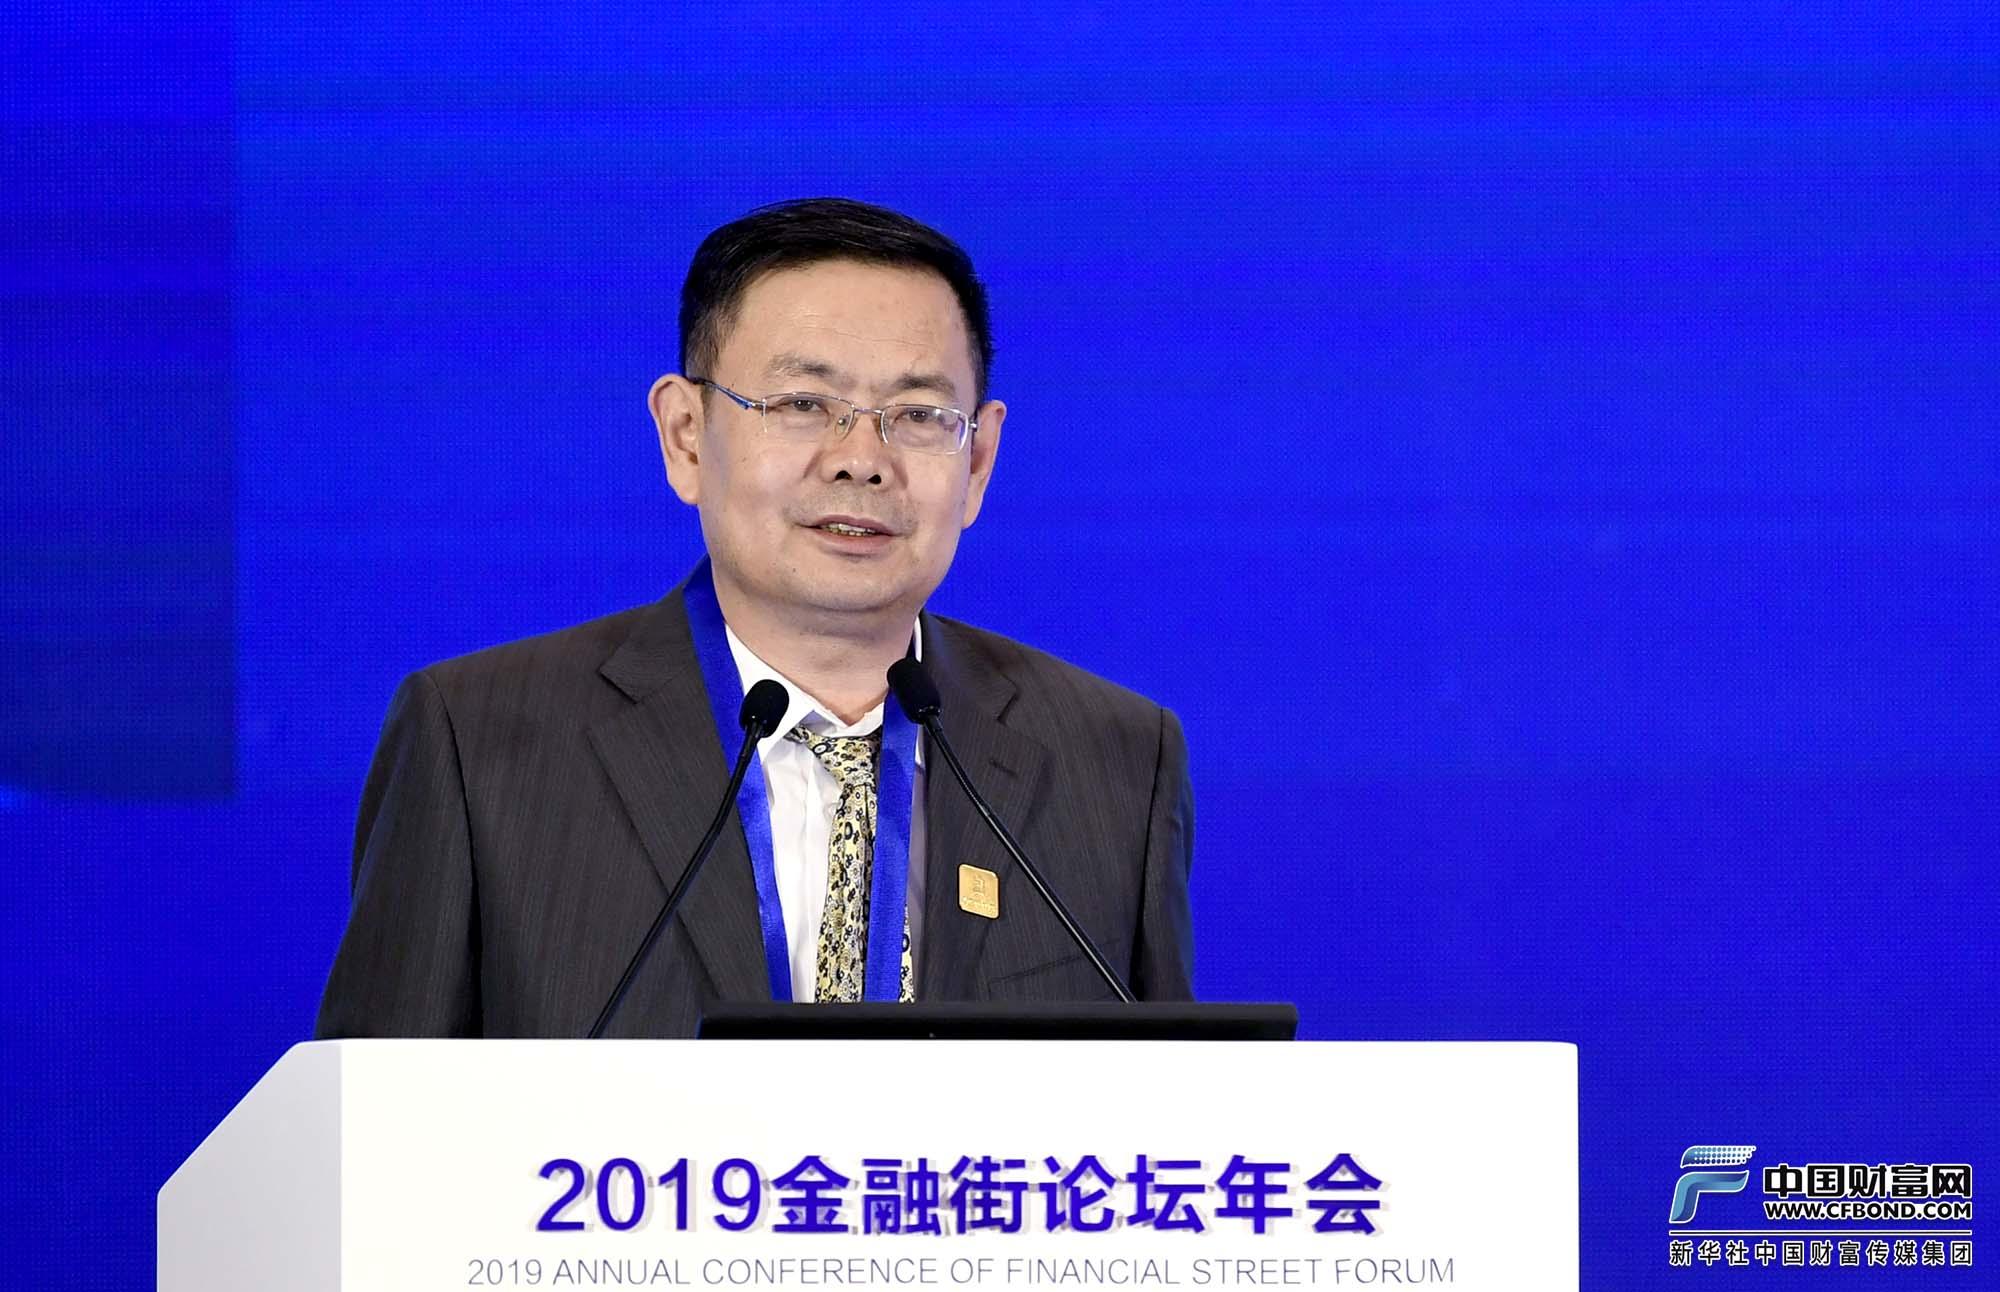 演讲嘉宾:中国财政科学研究院金融研究中心主任、研究员赵全厚